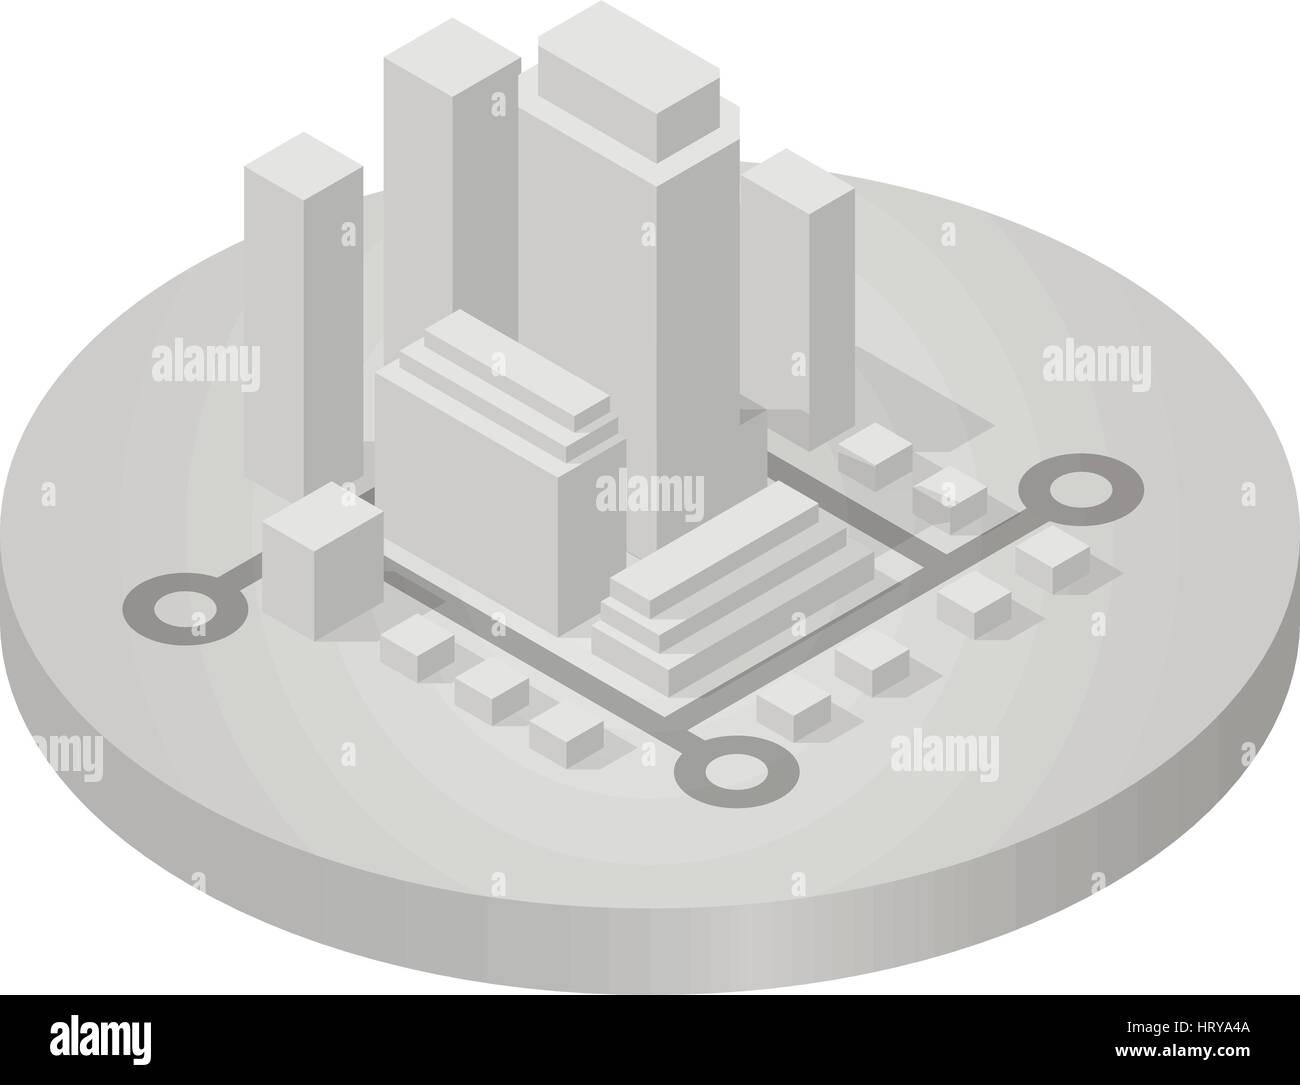 Isometric icon of city - Stock Image